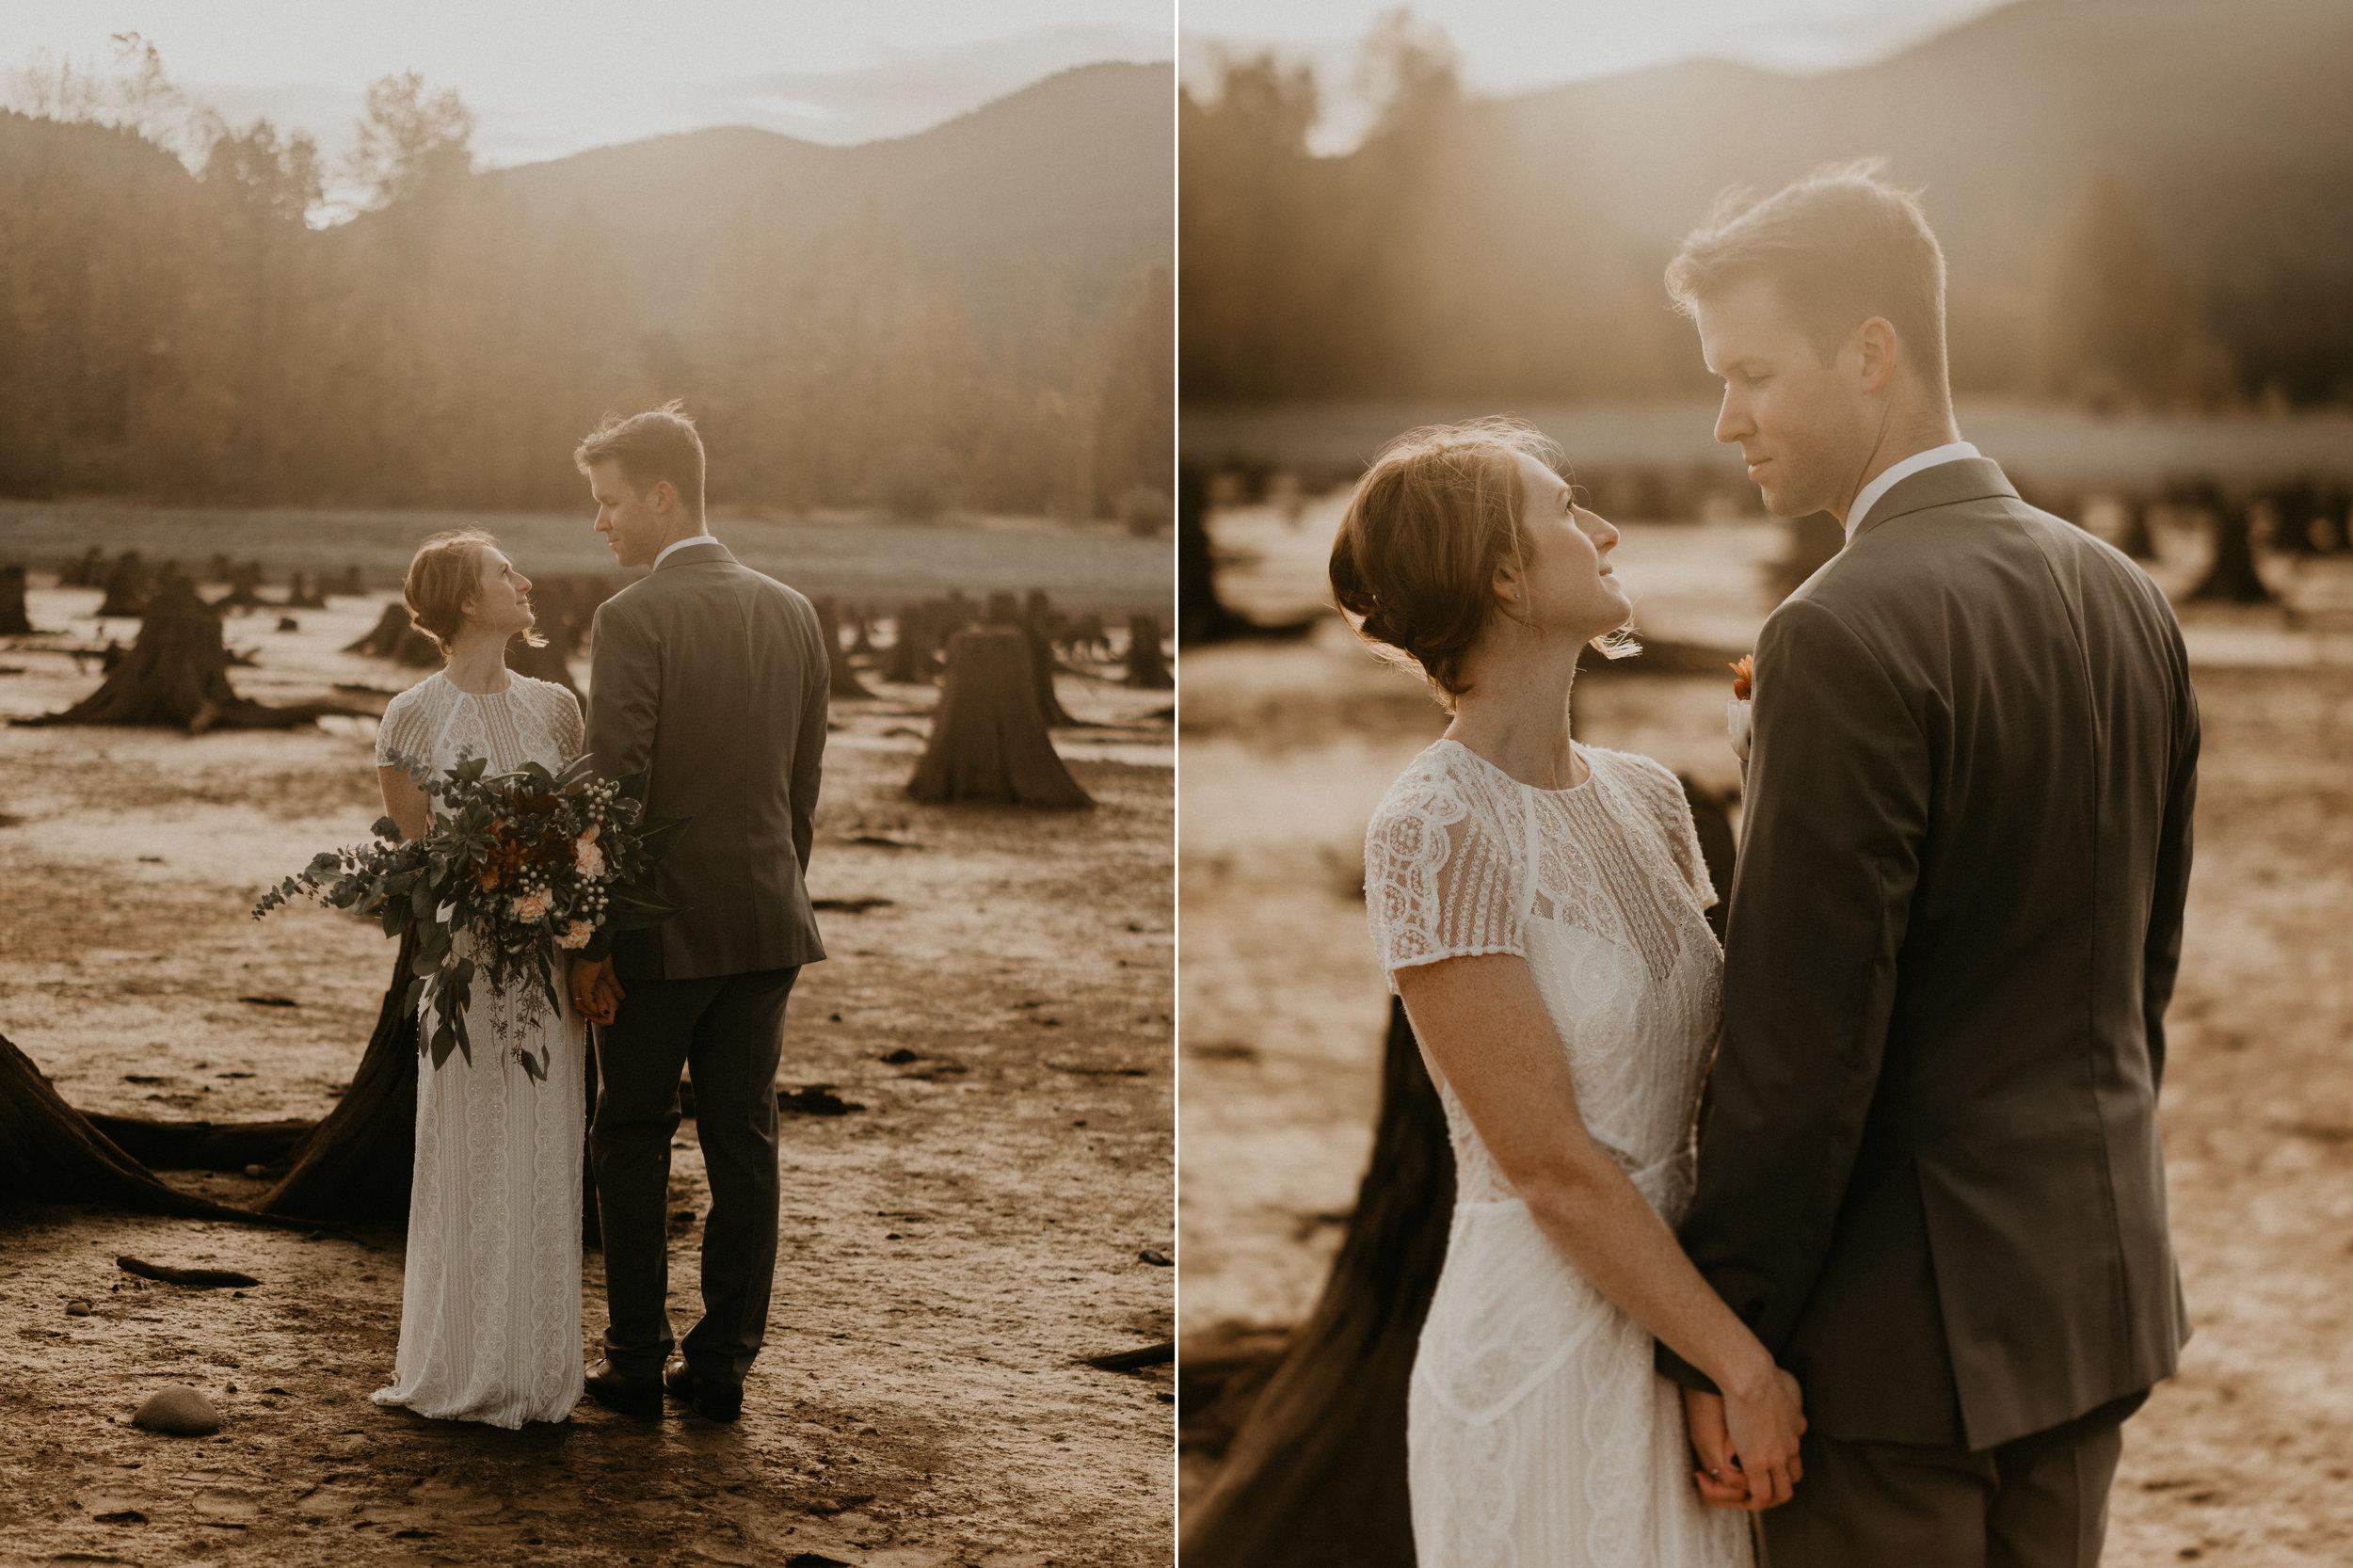 Lake-Cushman-Washington-Seattle-Wedding-Photographer-Elopement-13.jpg